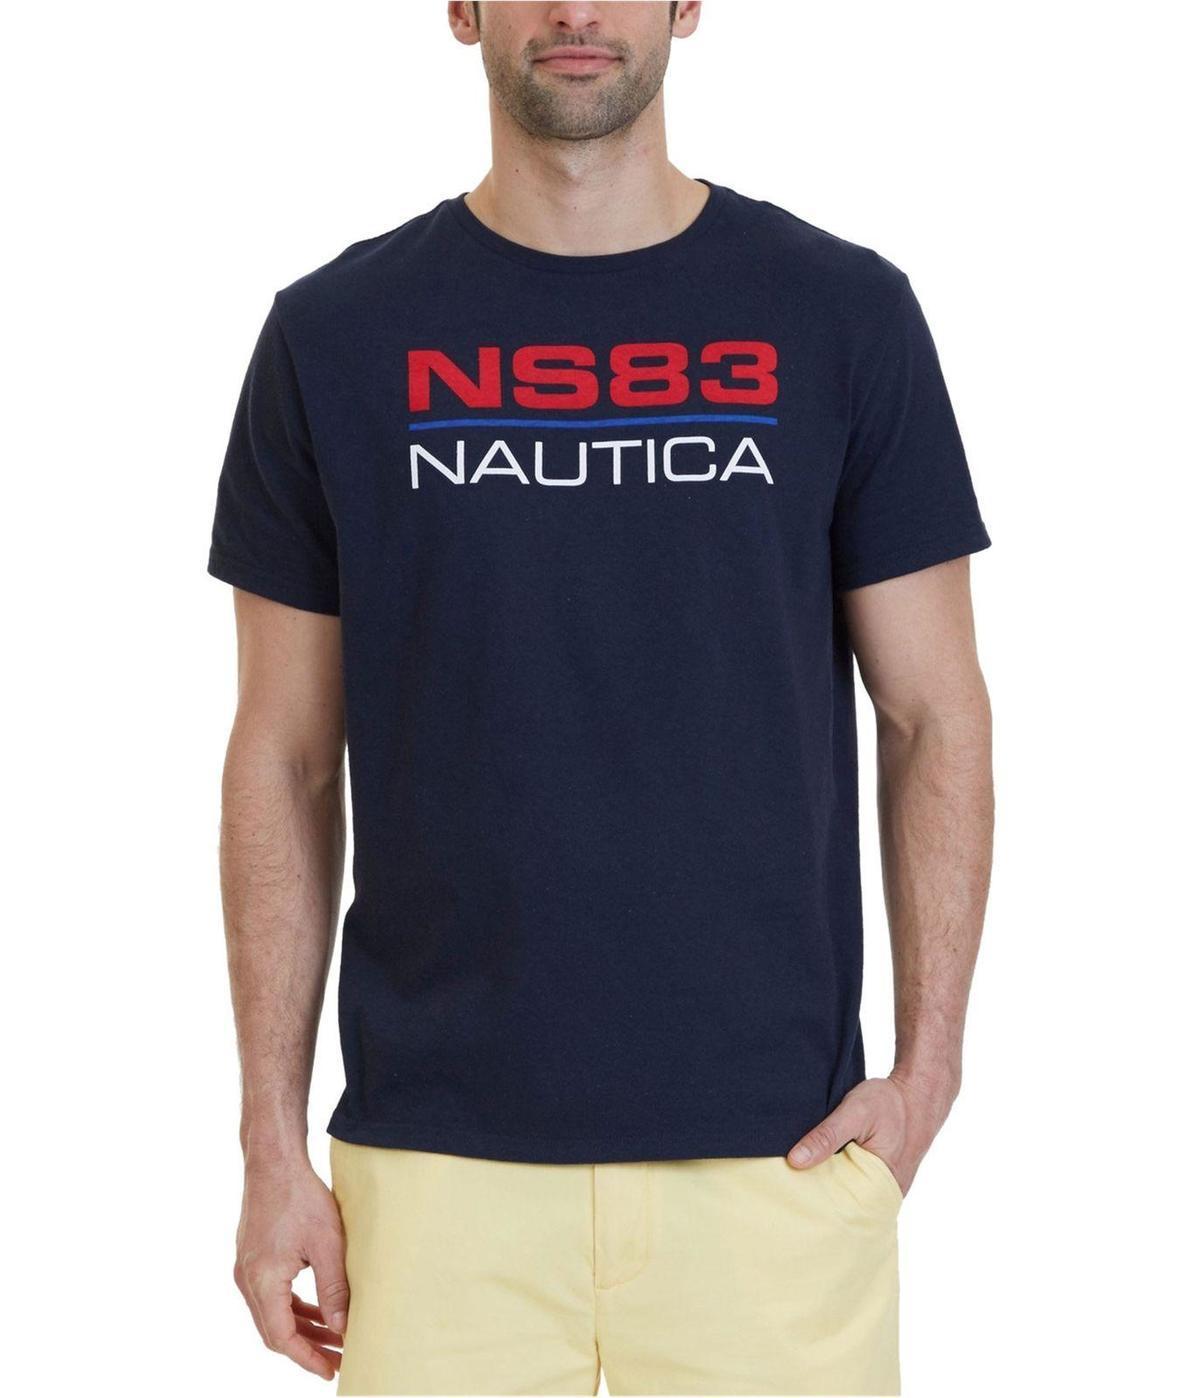 5a1301735cd33 Compre Camiseta Nautica Hombre NS83 Graphic A  14.67 Del Linnan00004 ...